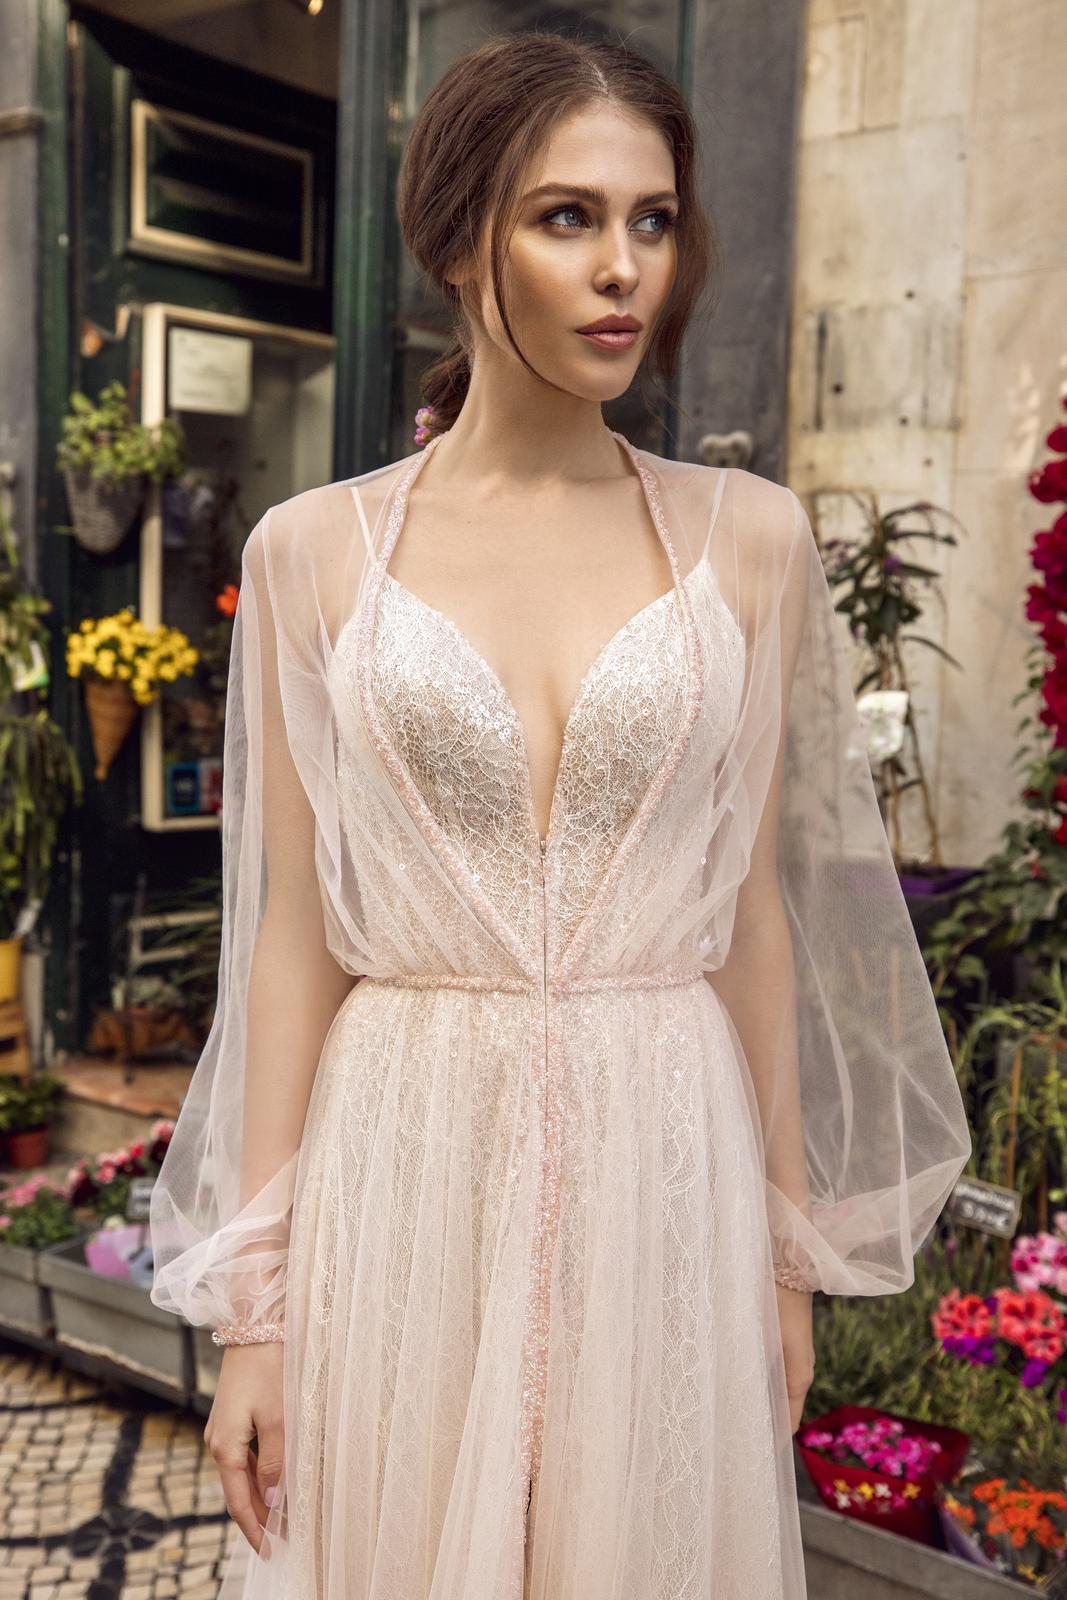 Svatební šaty Innocentia inspirované Lisabonem - Obrázek č. 5